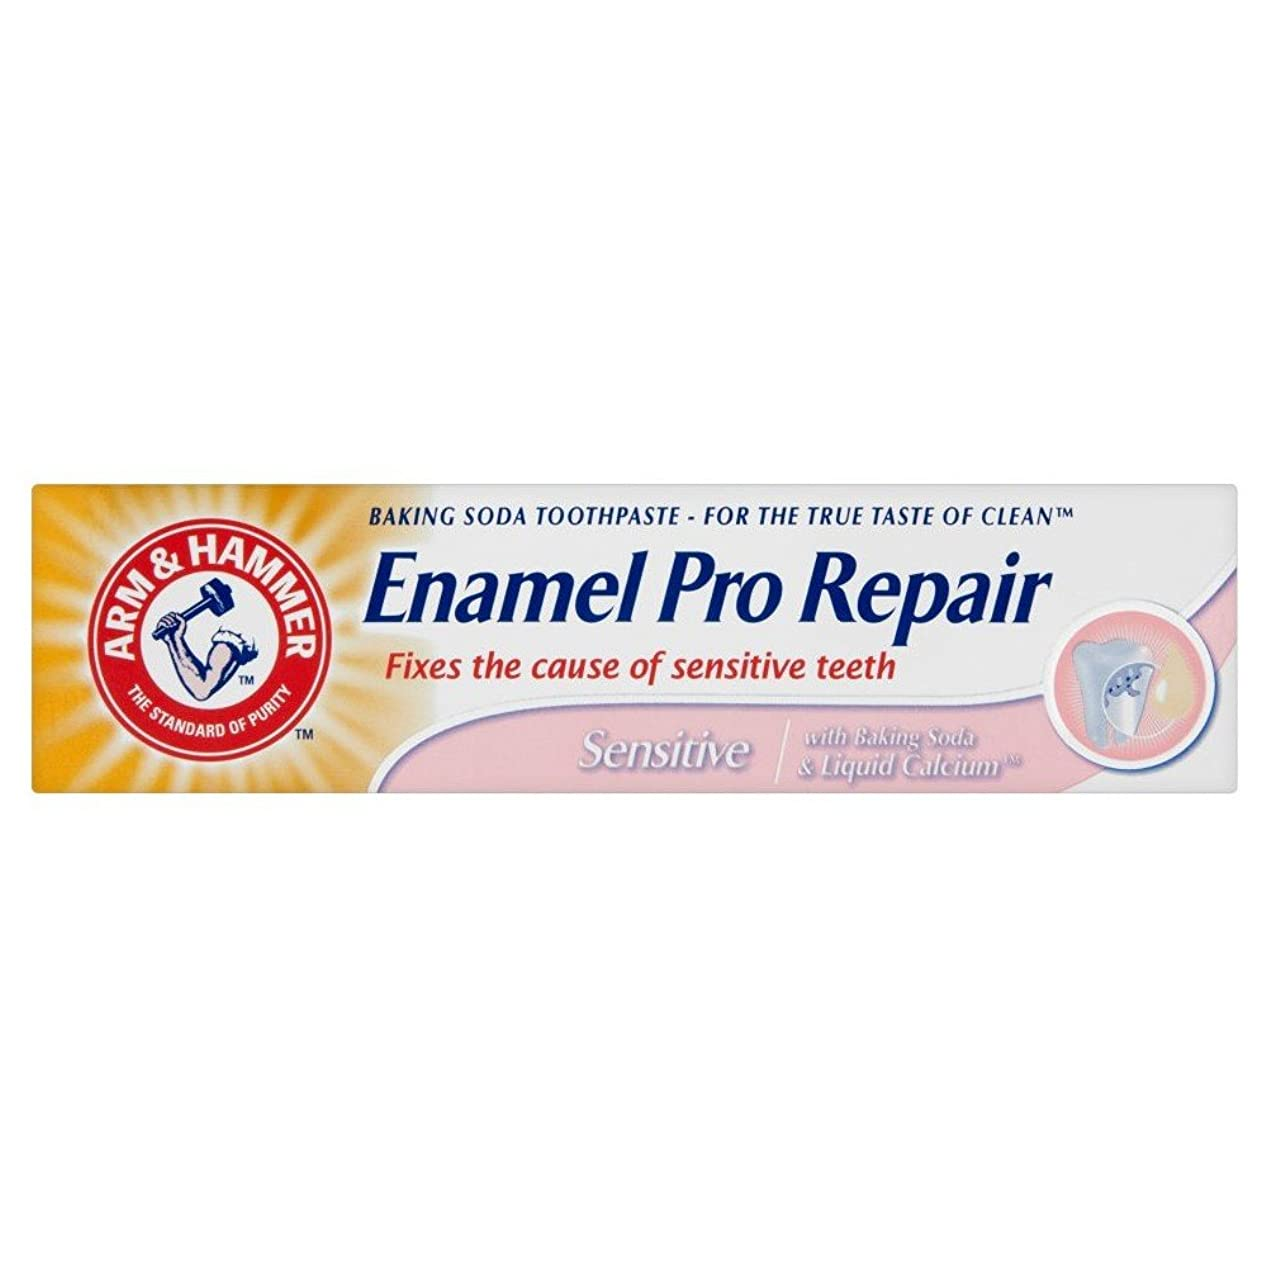 時制する必要がある環境保護主義者Arm & Hammer Enamel Care Sensitive Toothpaste Tube (75ml) アームとハンマーエナメルケア敏感歯磨き粉のチューブ( 75ミリリットル) [並行輸入品]